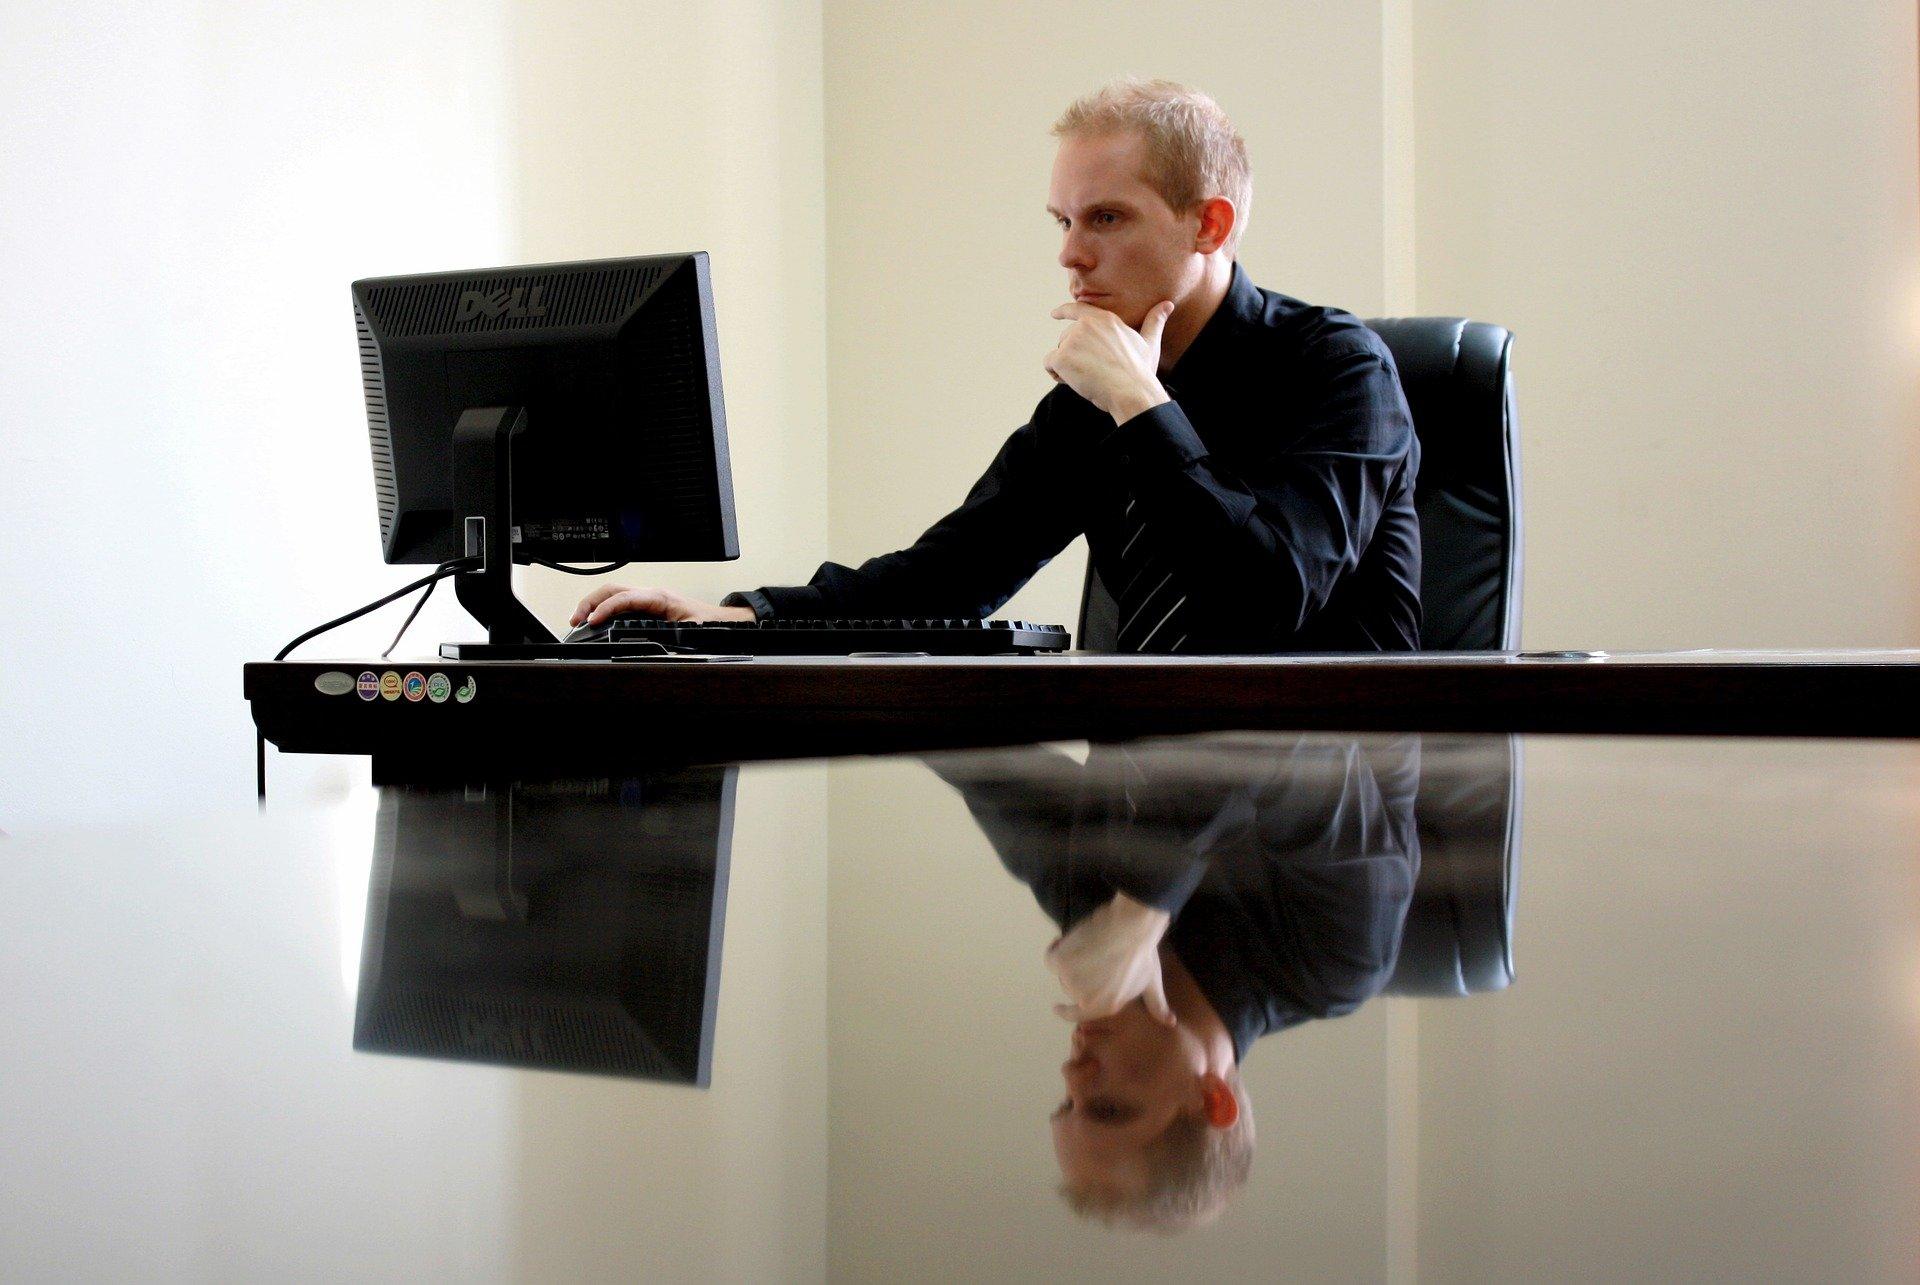 Imagem mostra um homem mexendo em um computador.